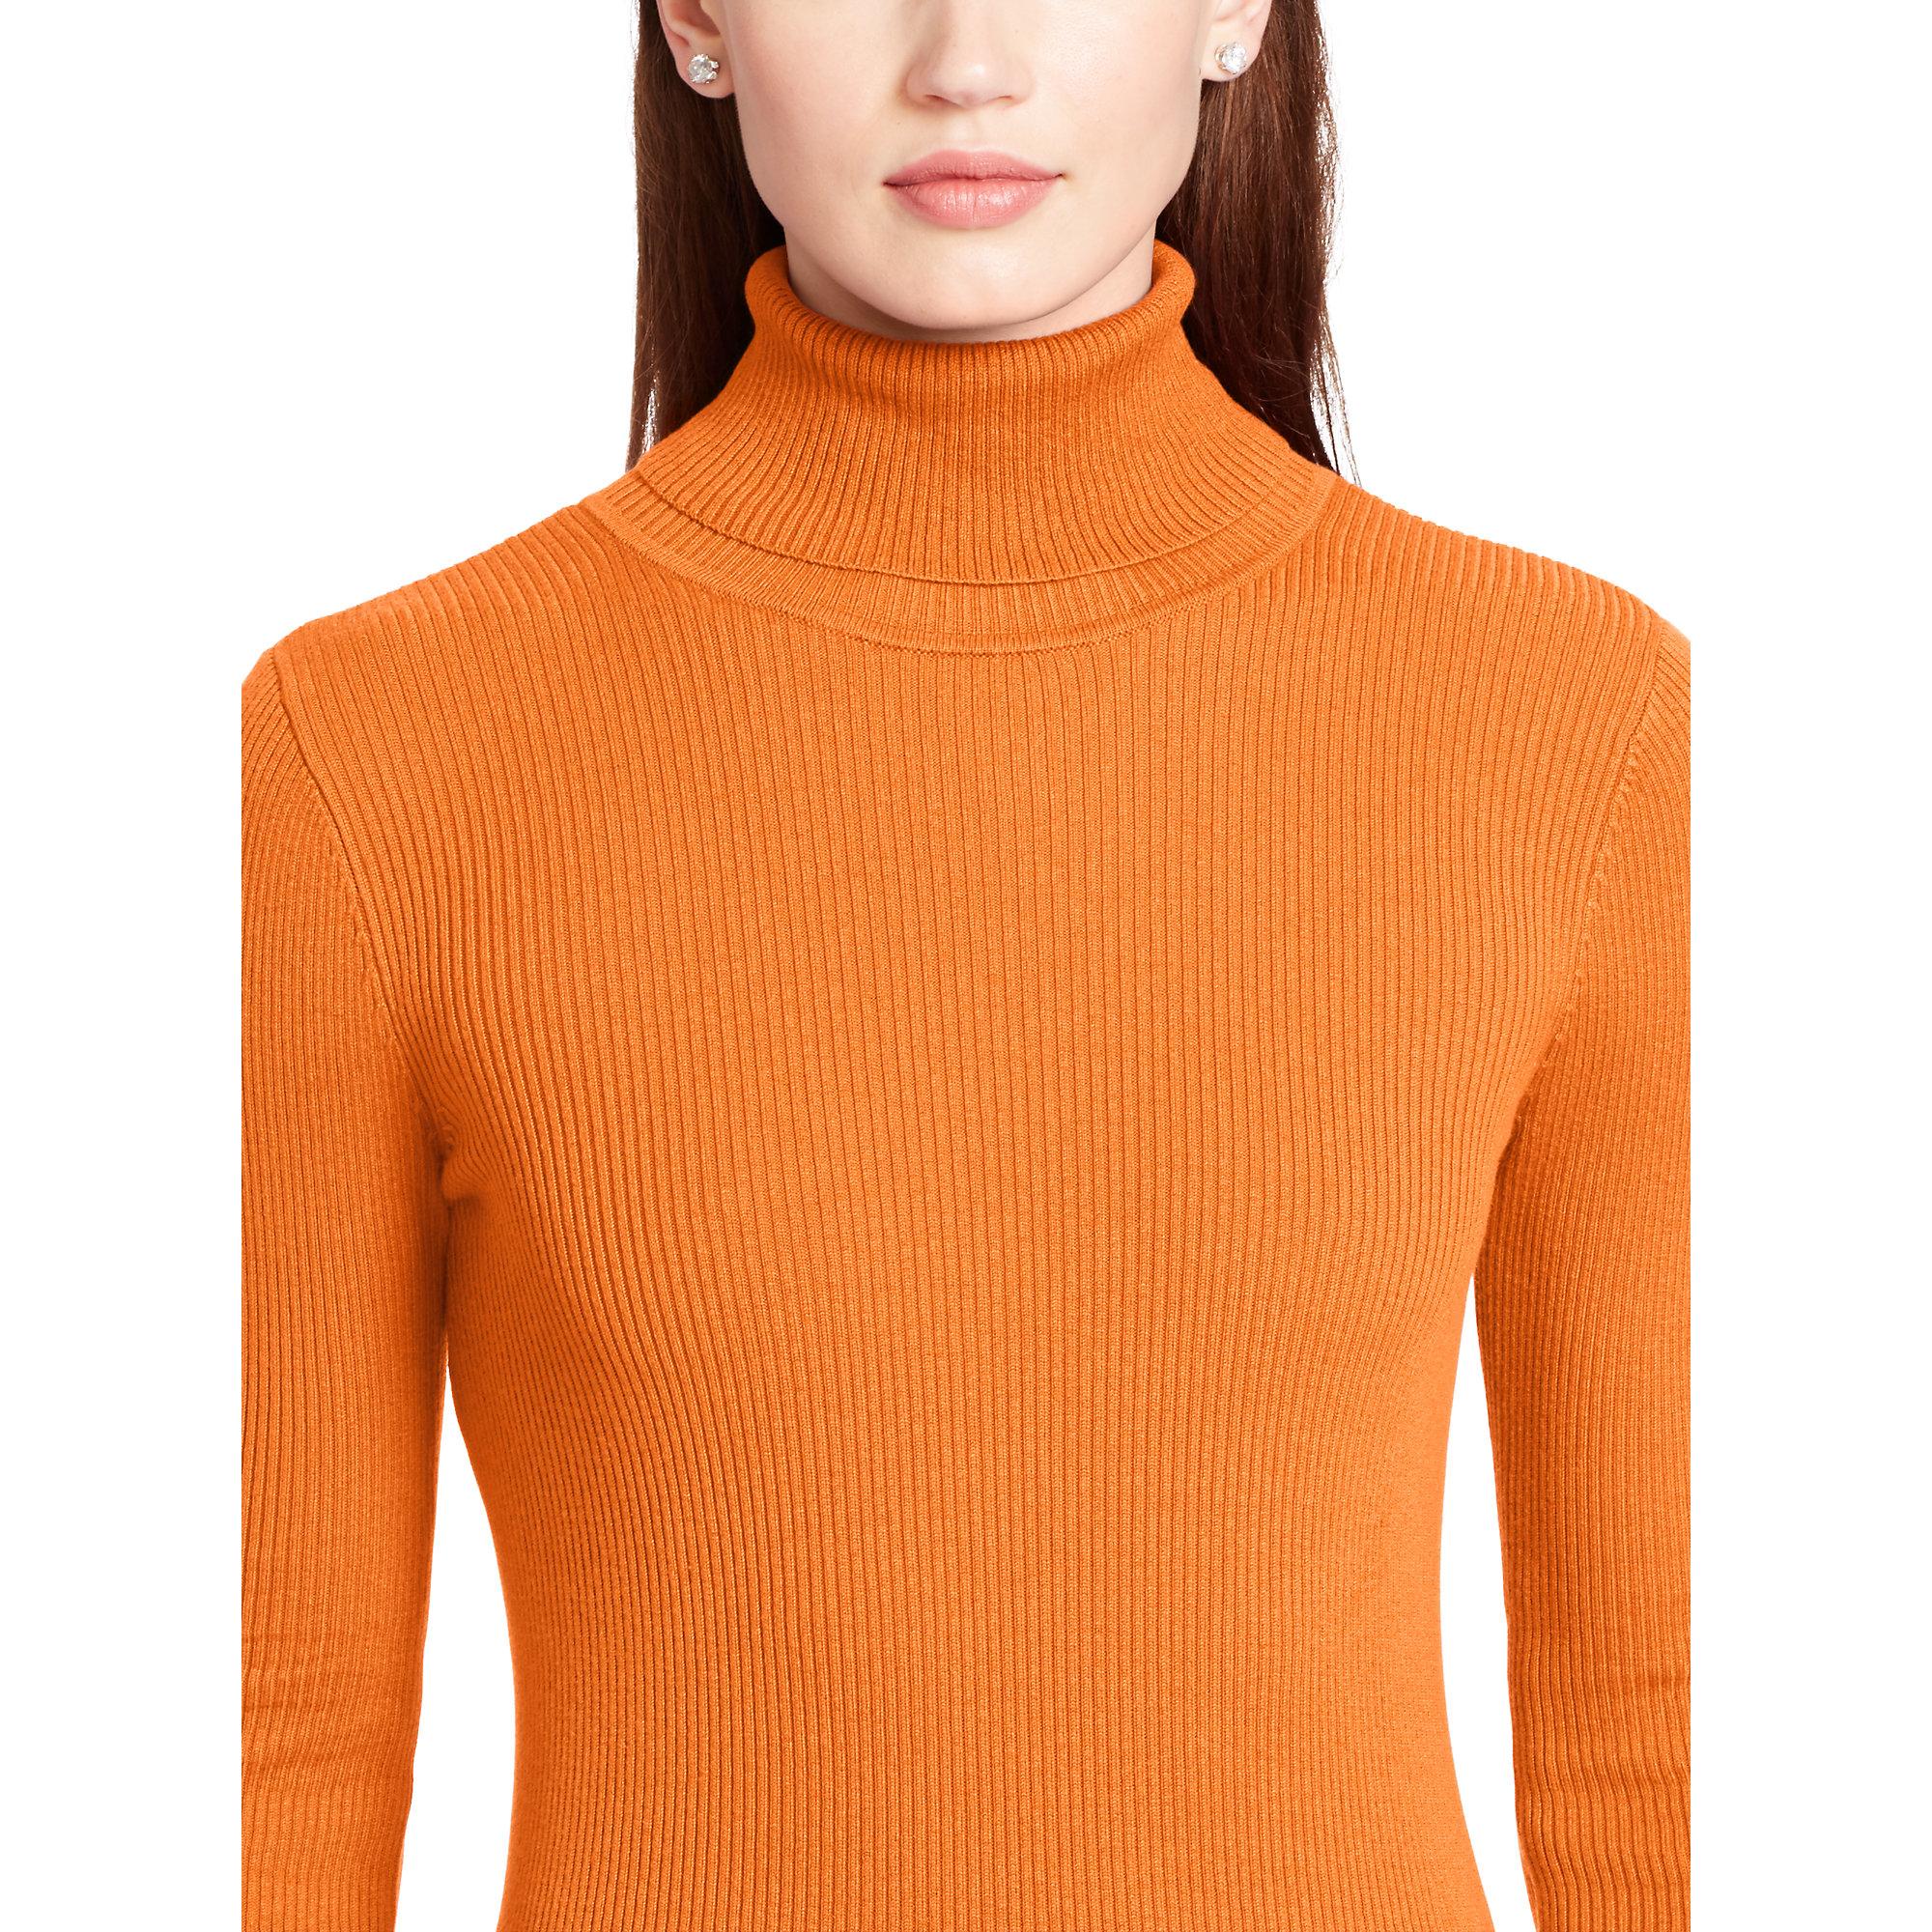 Ralph lauren Ribbed Turtleneck Sweater in Orange | Lyst